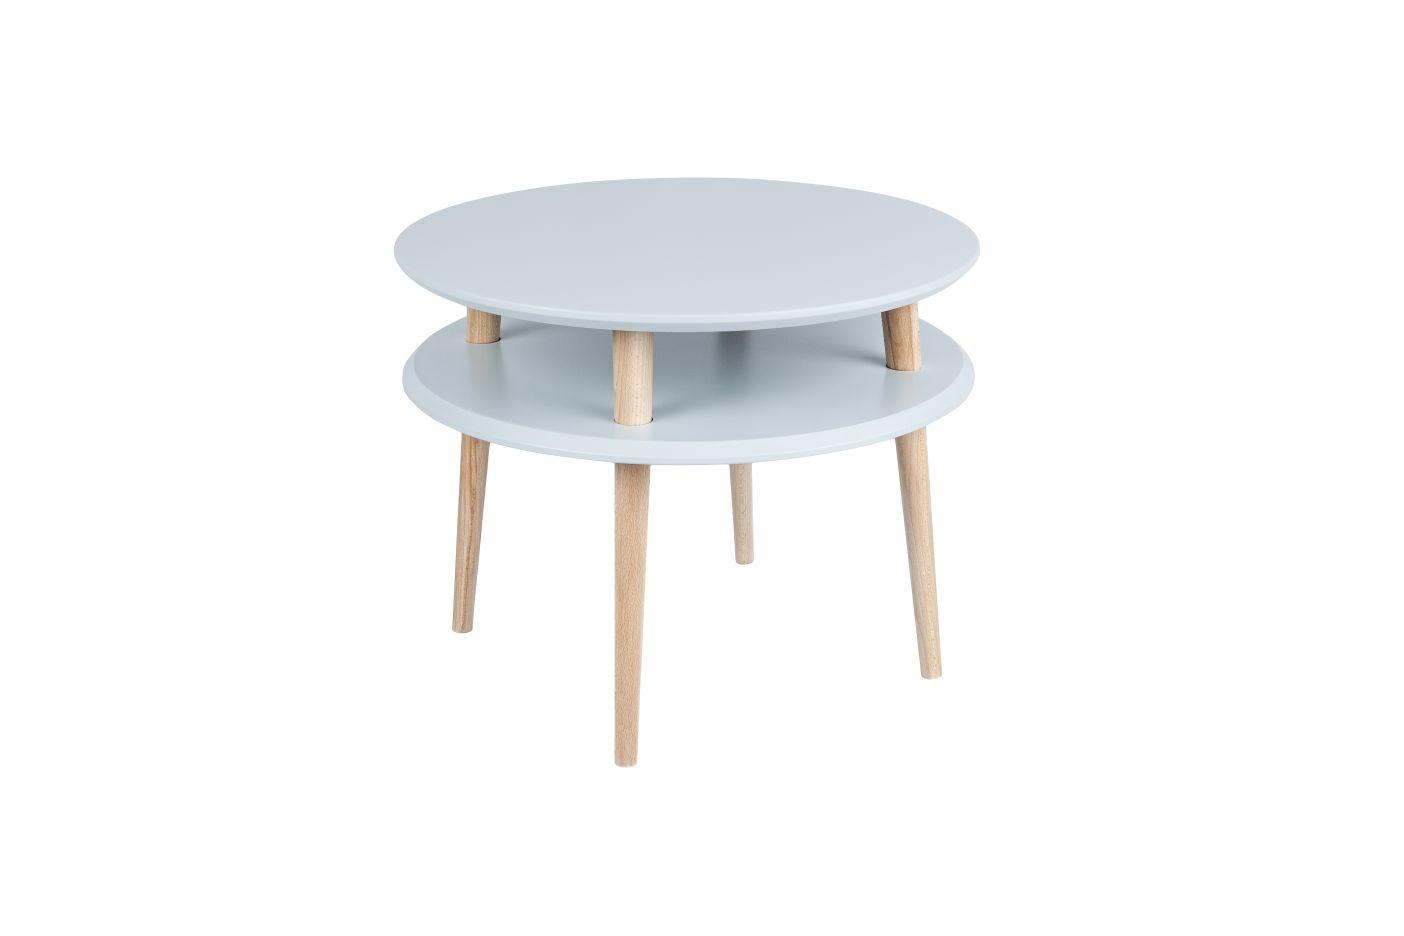 jasnoszary okrągły stolik kawowy ragaba wysokość 45cm, średnica 57cm